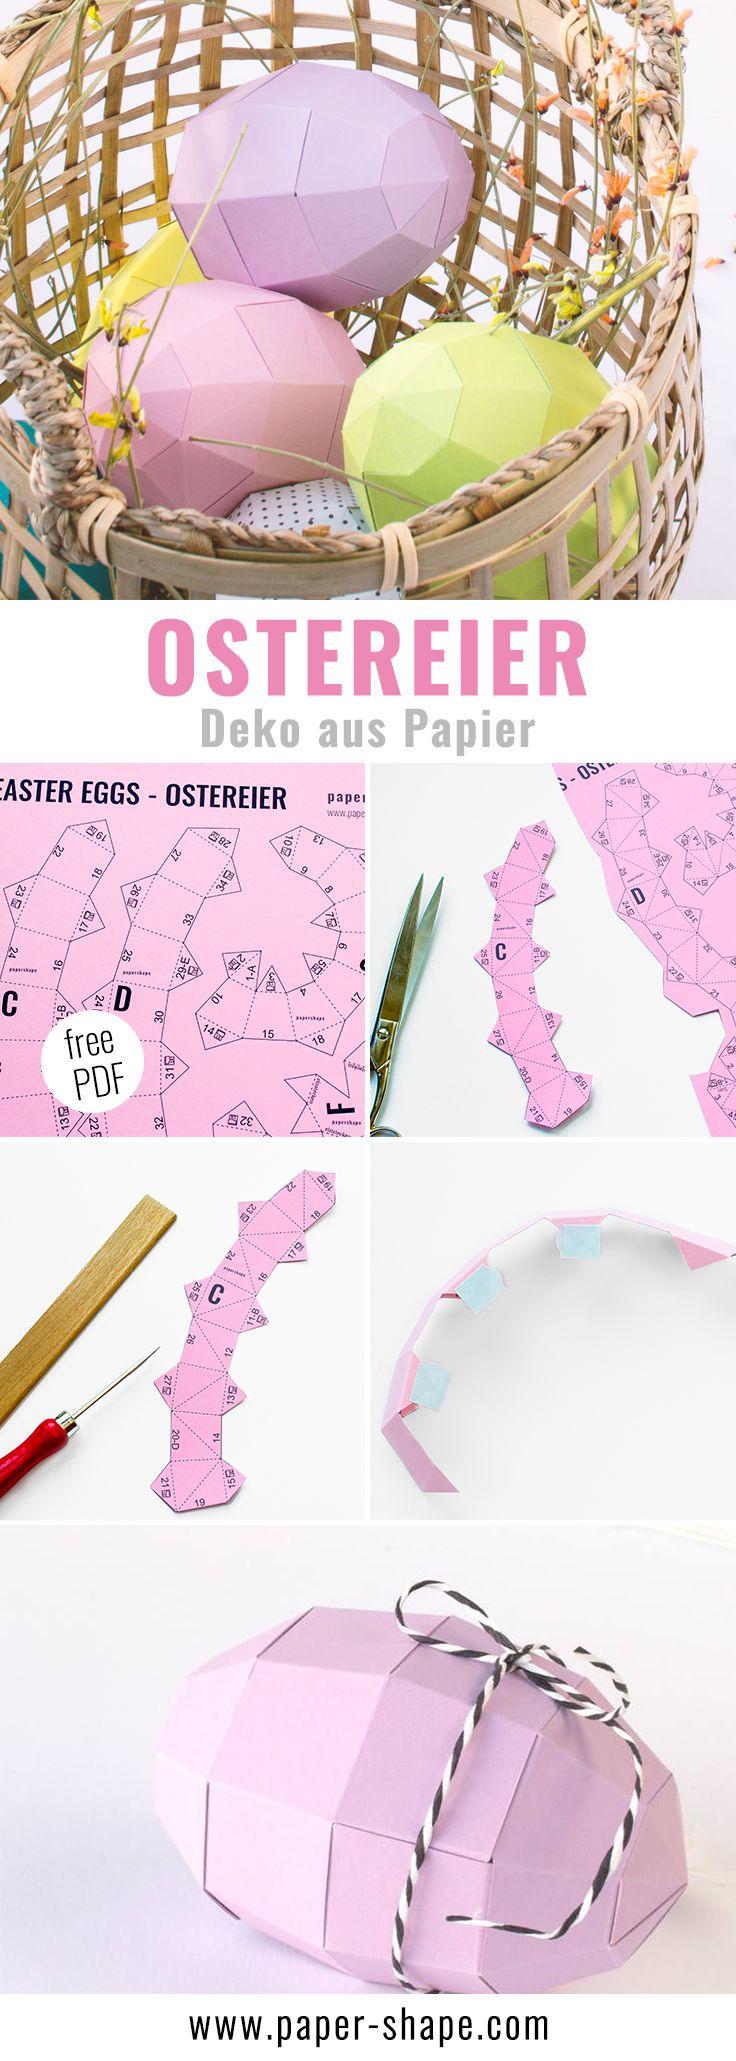 Ostereier basteln mit Papier (mit Vorlage)